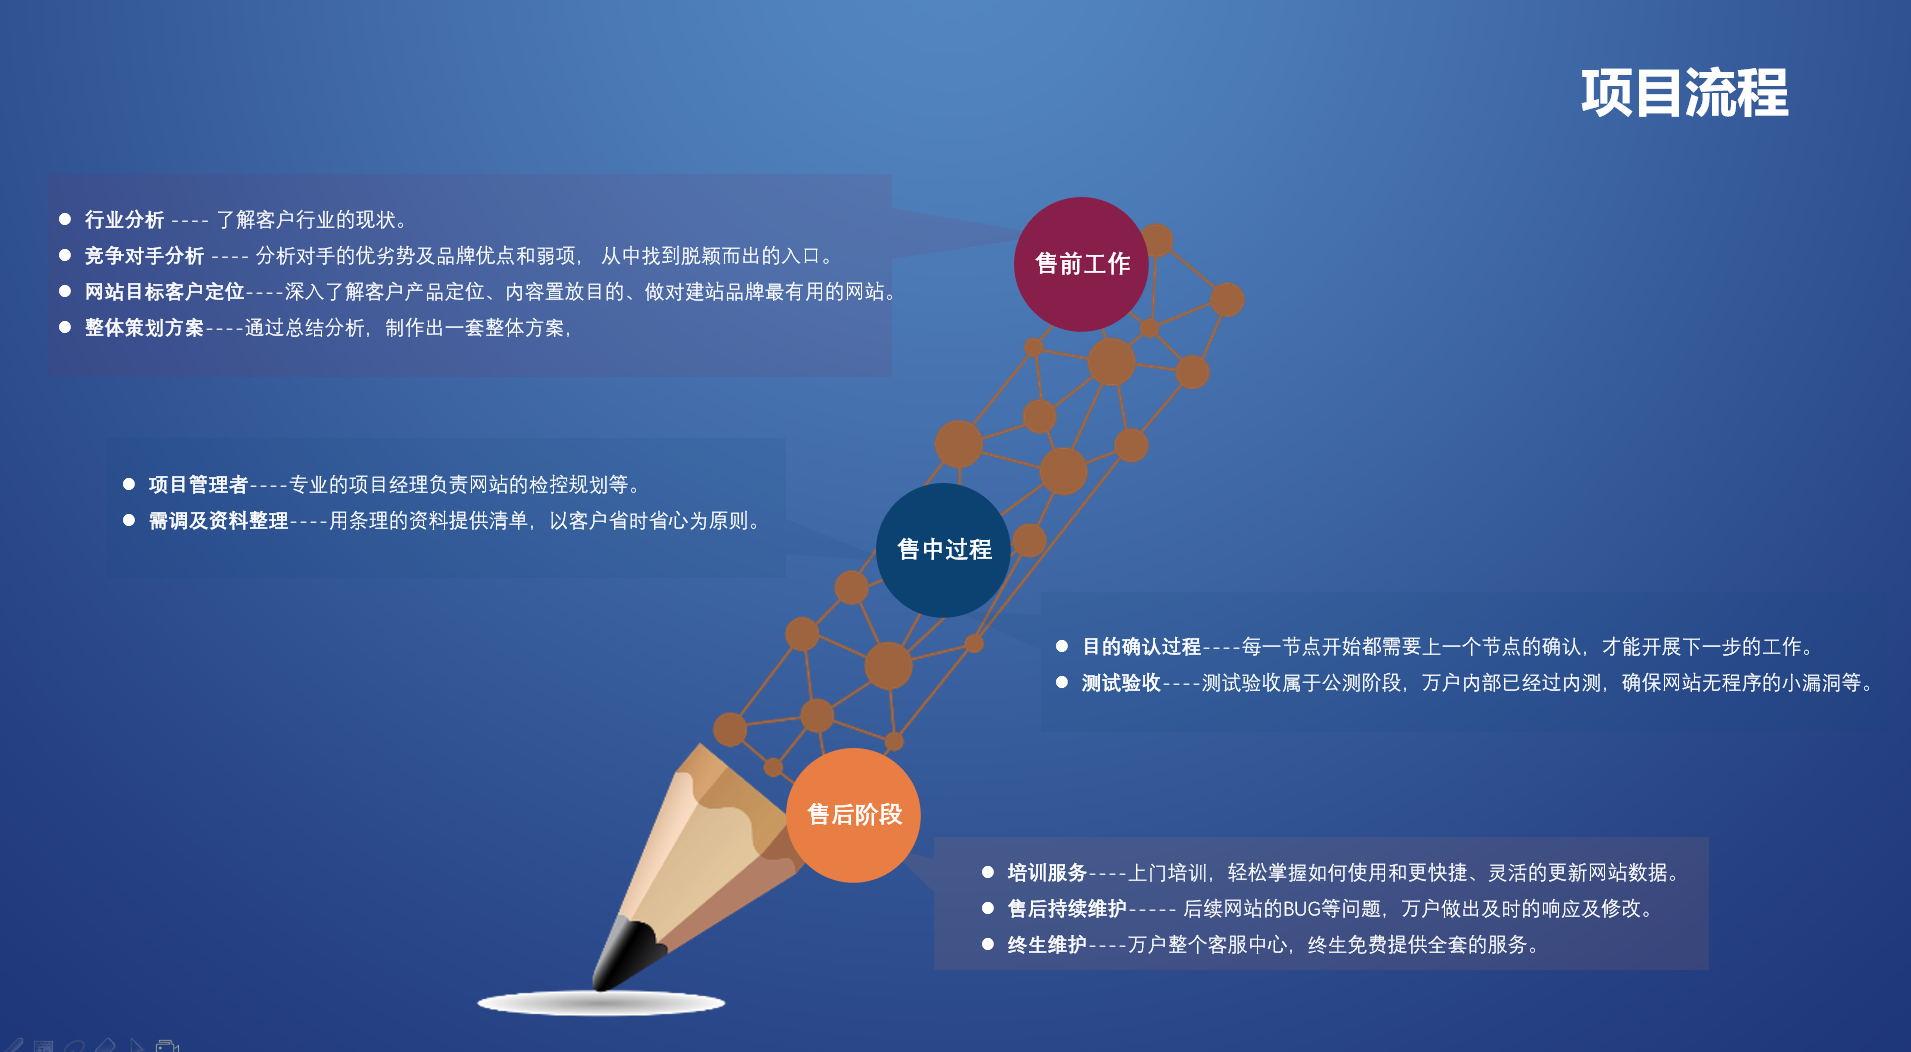 _小程序开发微信开发定制微官网公众平台制作设计商城社区公众号46